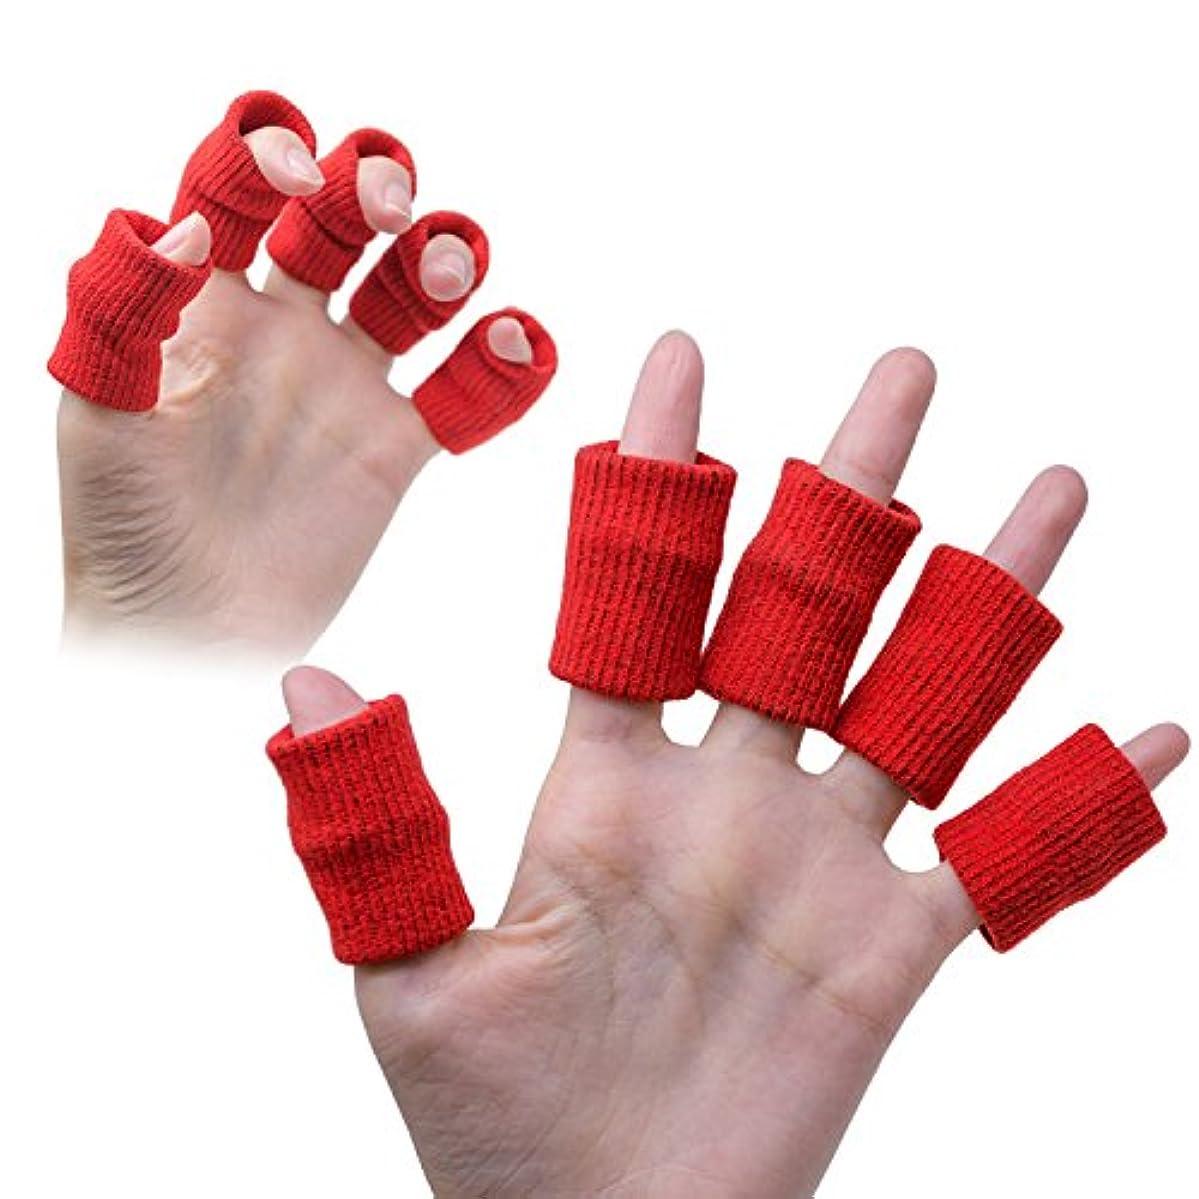 標高抑圧アカウントSumifun 親指プロテクター 足指チューブ ? ゲルプロテクター ケア指スリーブ&指先保護は関節炎、硬さ、痛みを緩和する